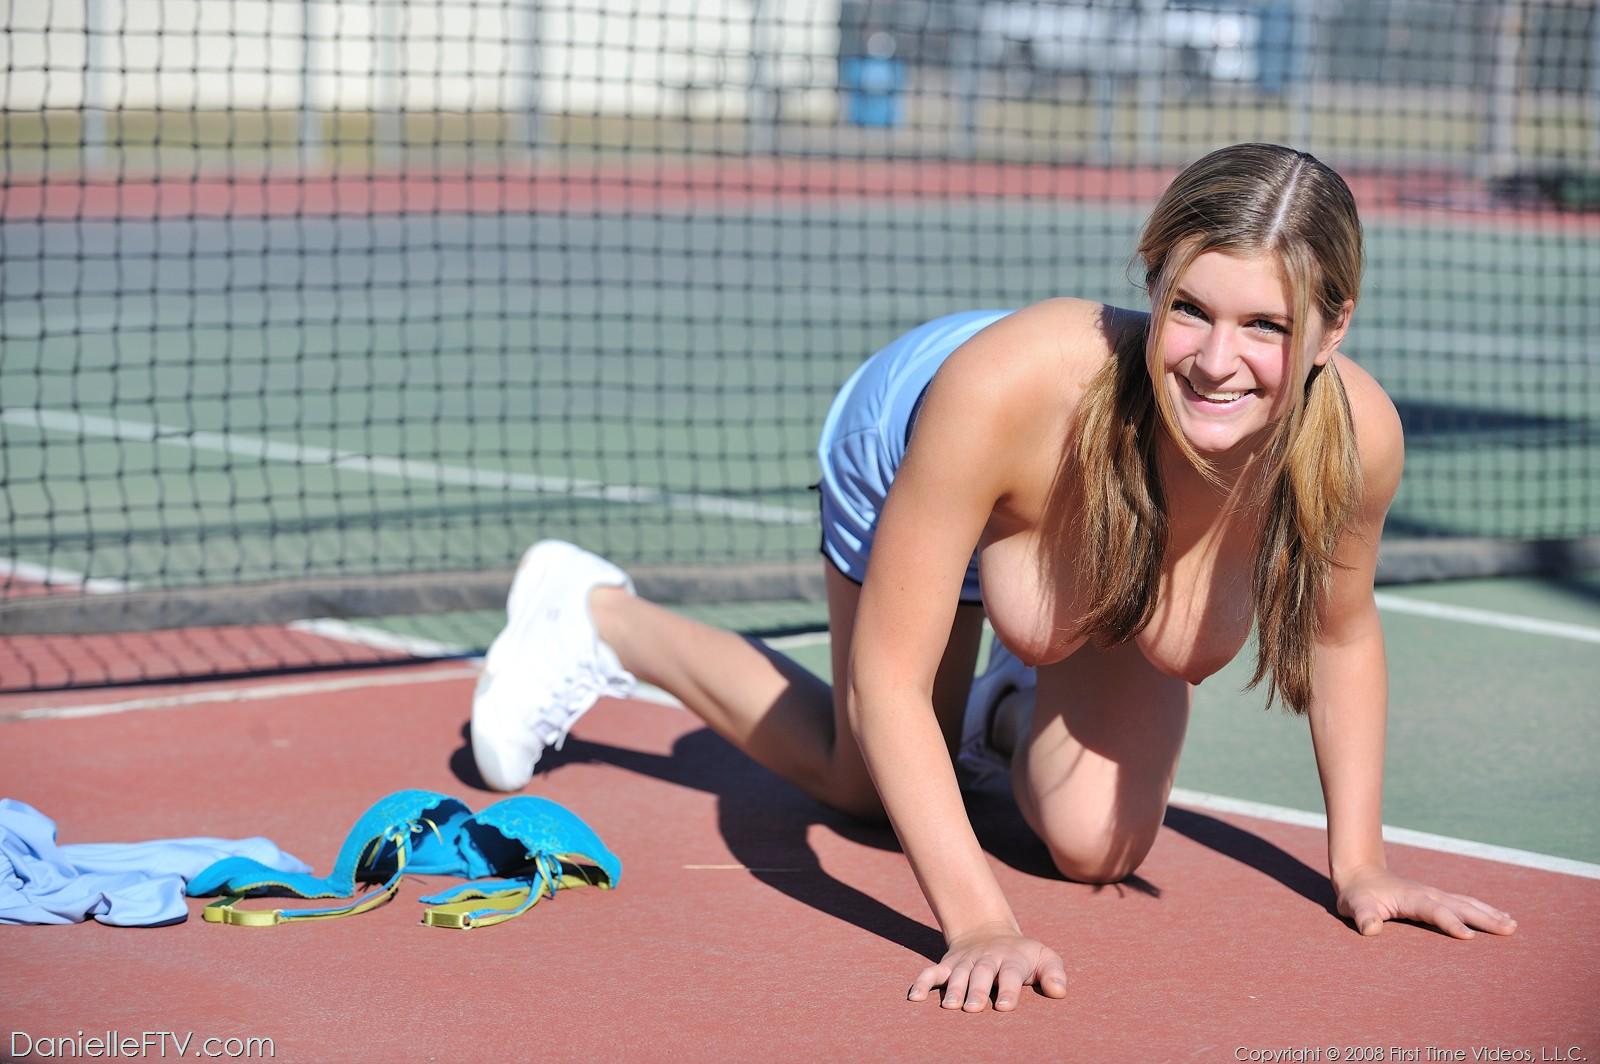 golie-babi-igrayut-v-tennis